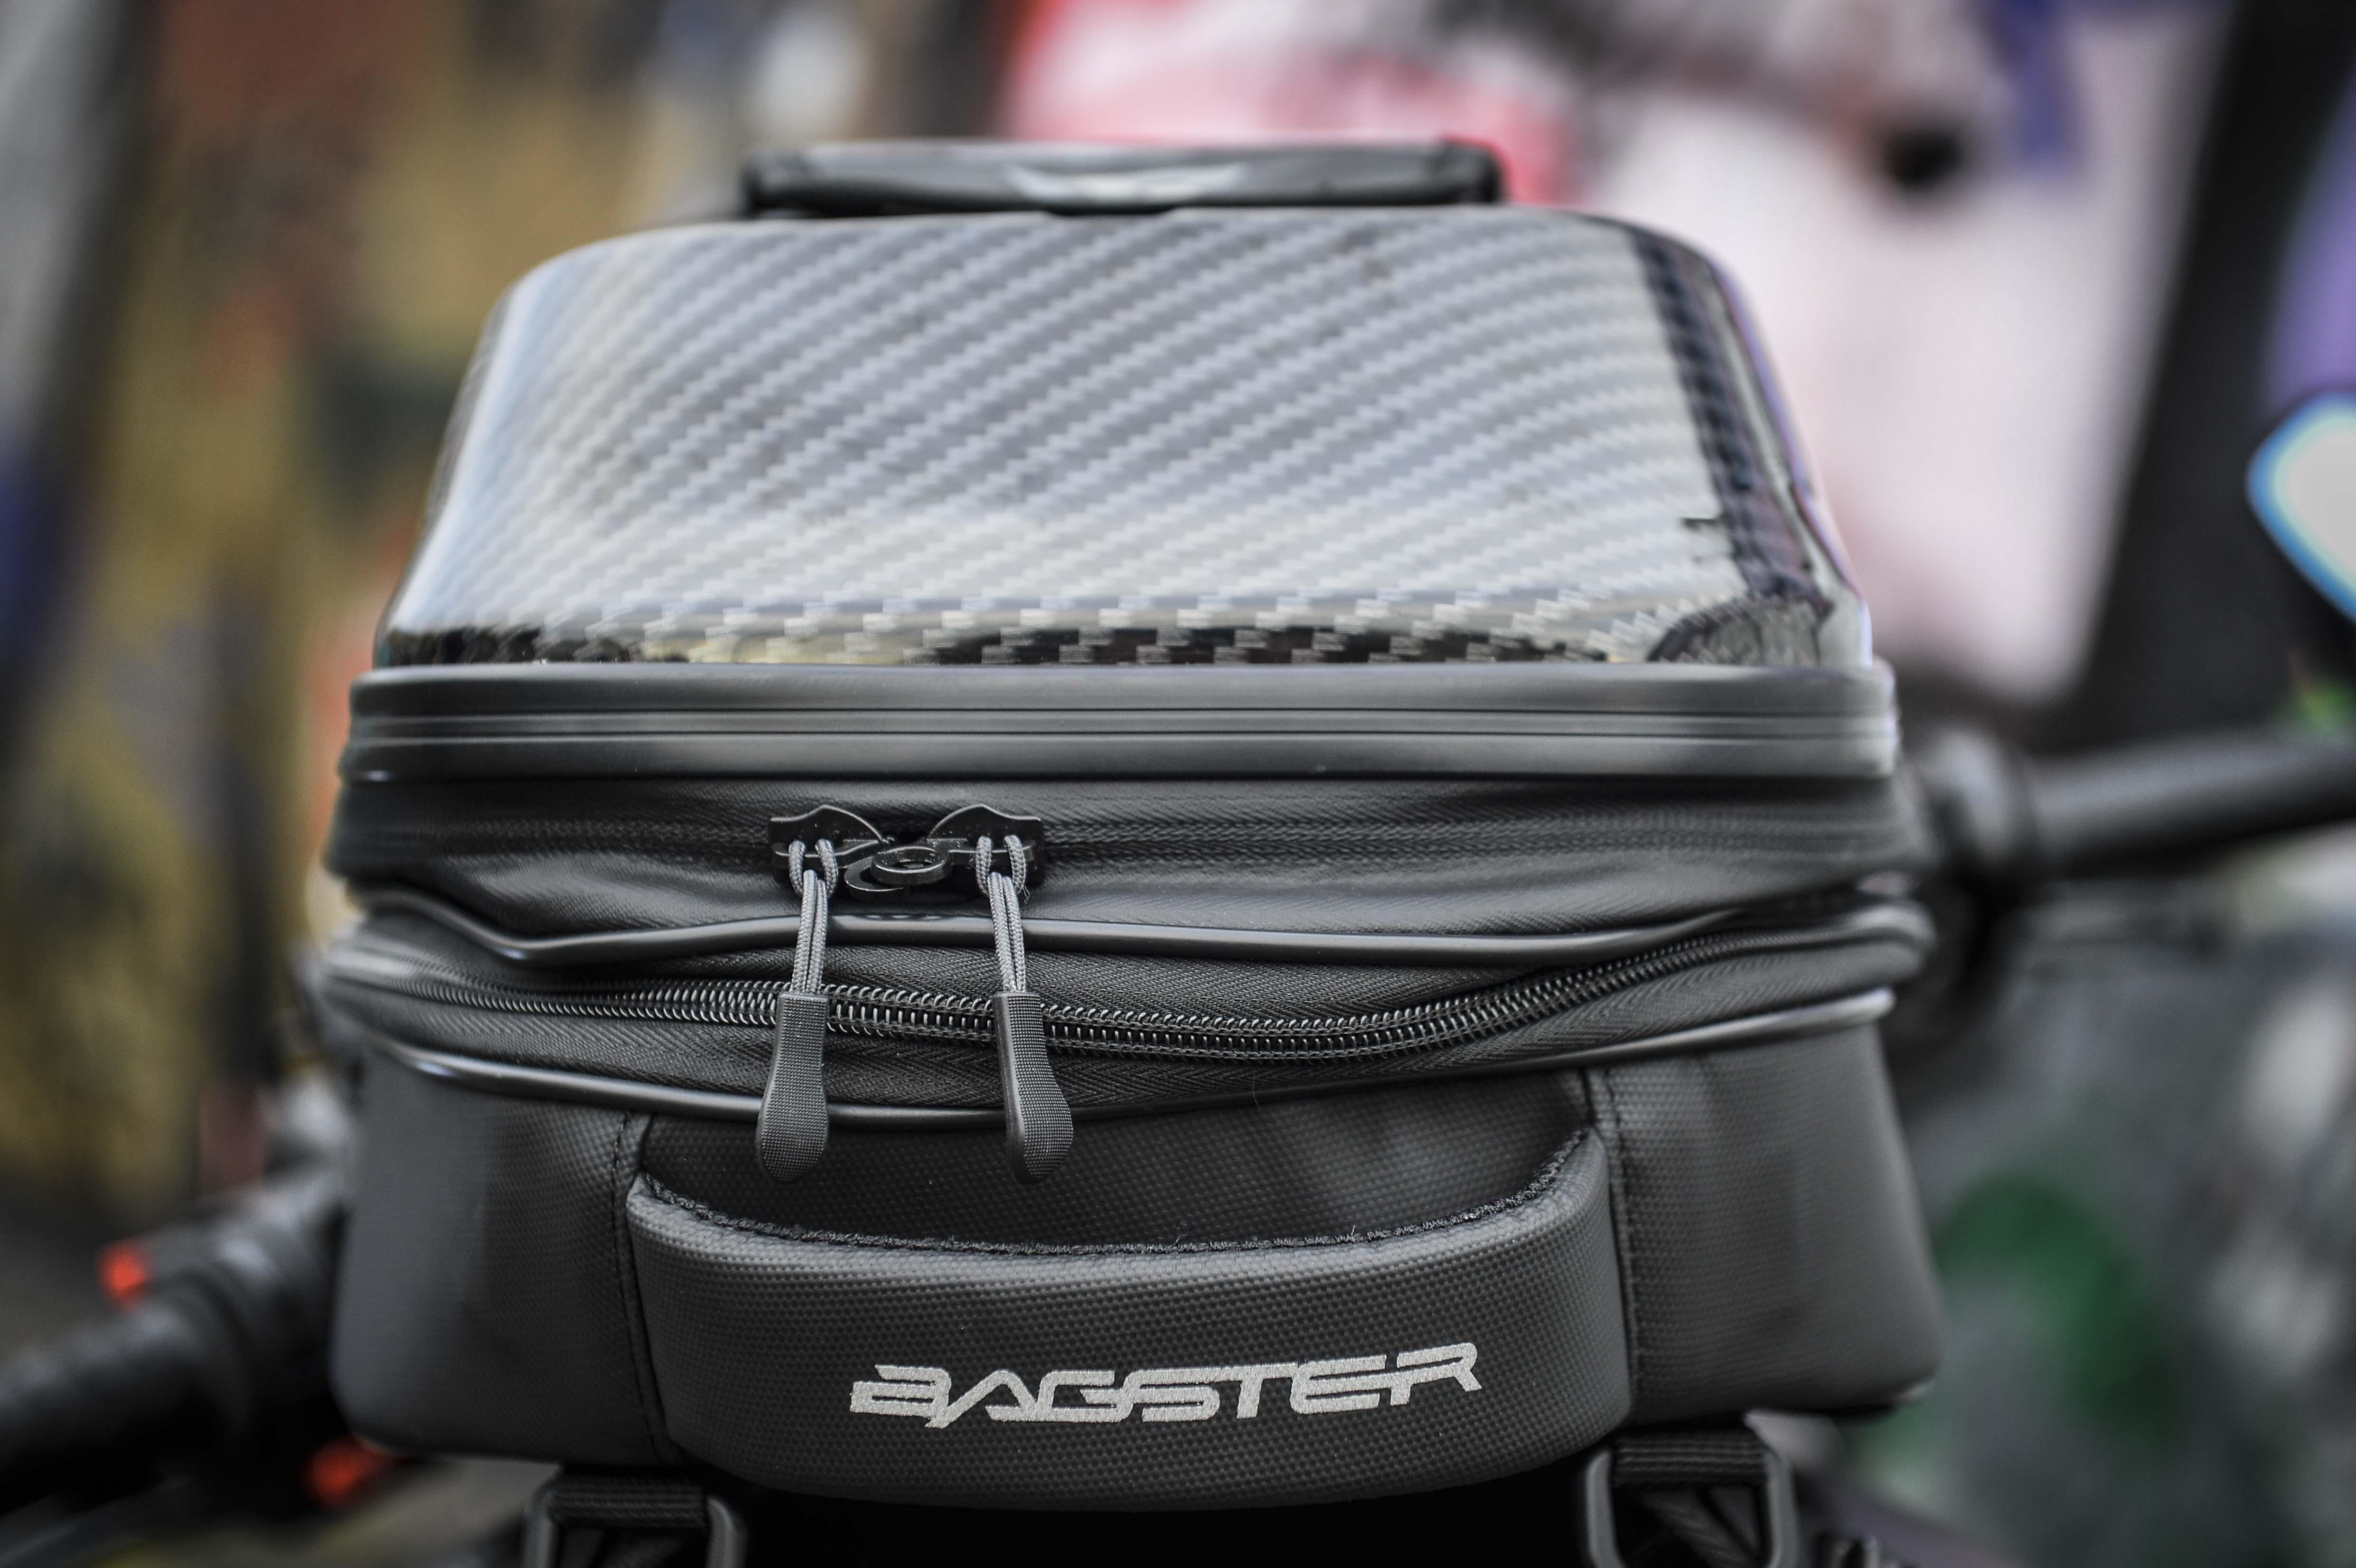 poignée de transport à l'arrière de la sacoche Bagster Carbonrace